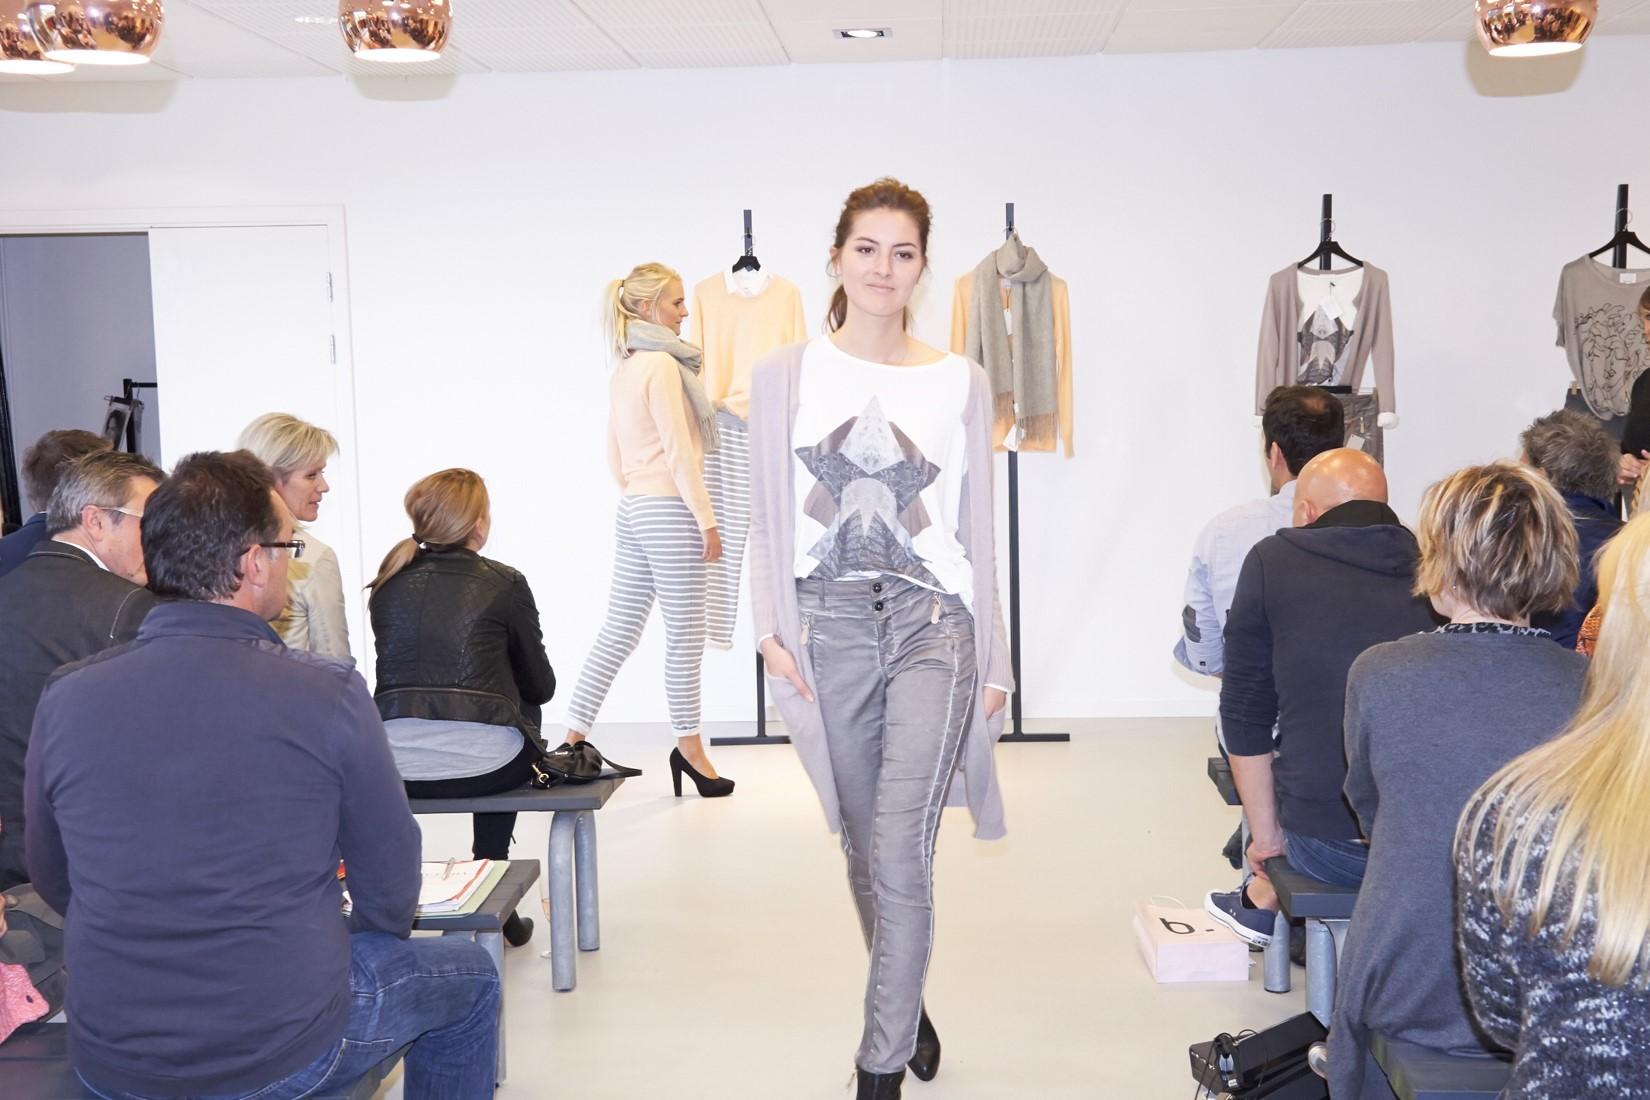 B.Young fashions